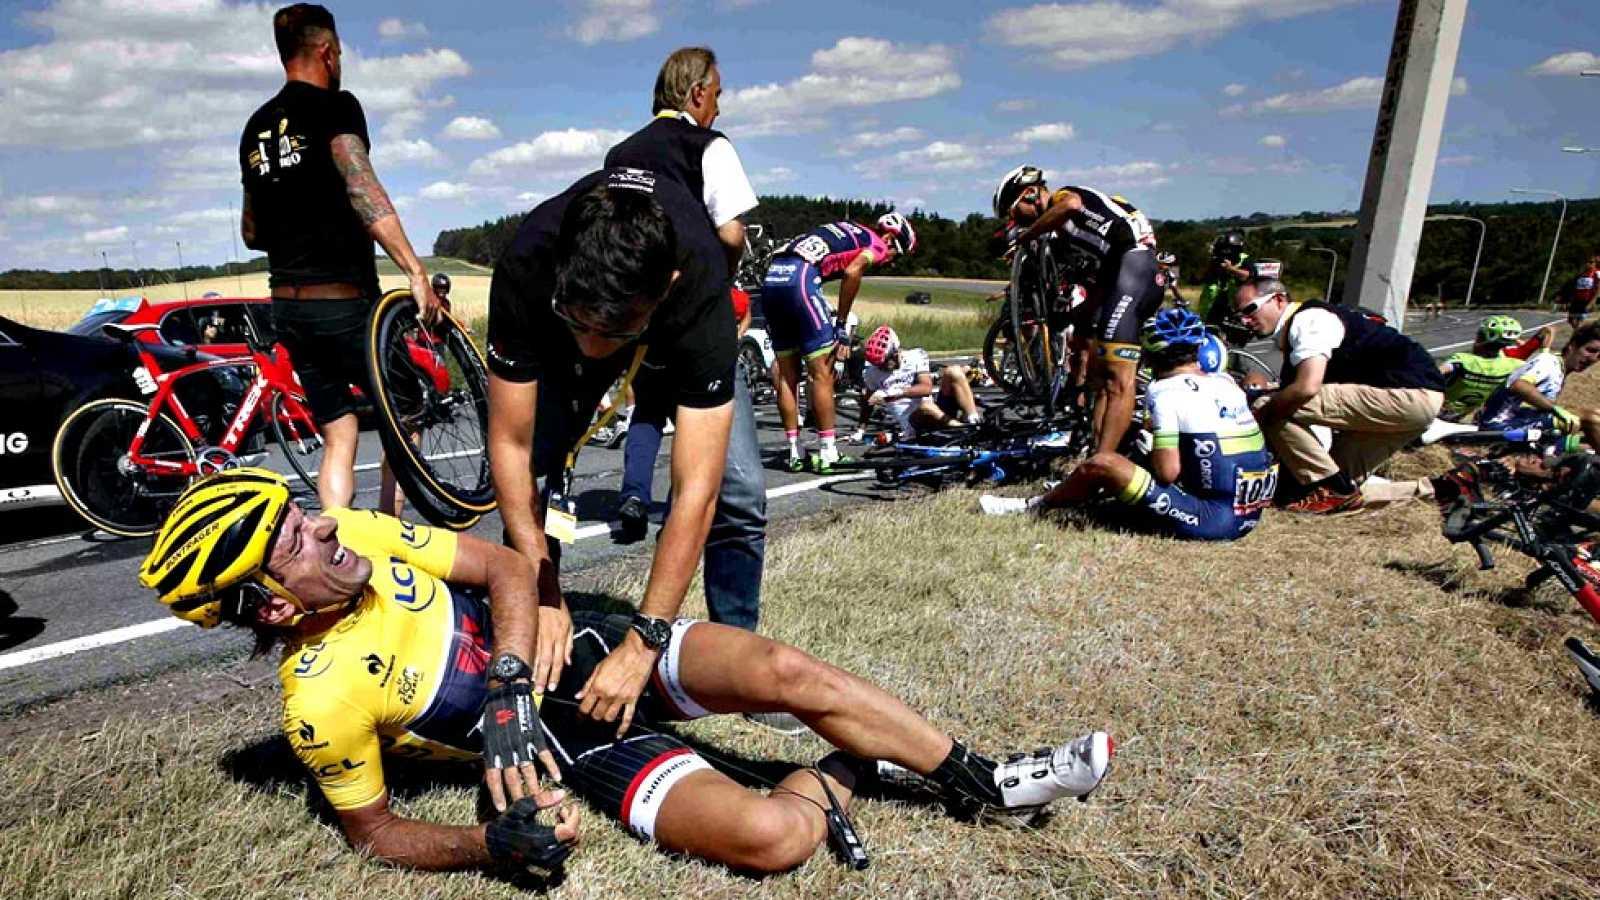 Una impactante caída en el pelotón obliga a neutralizar la etapa 3 del Tour